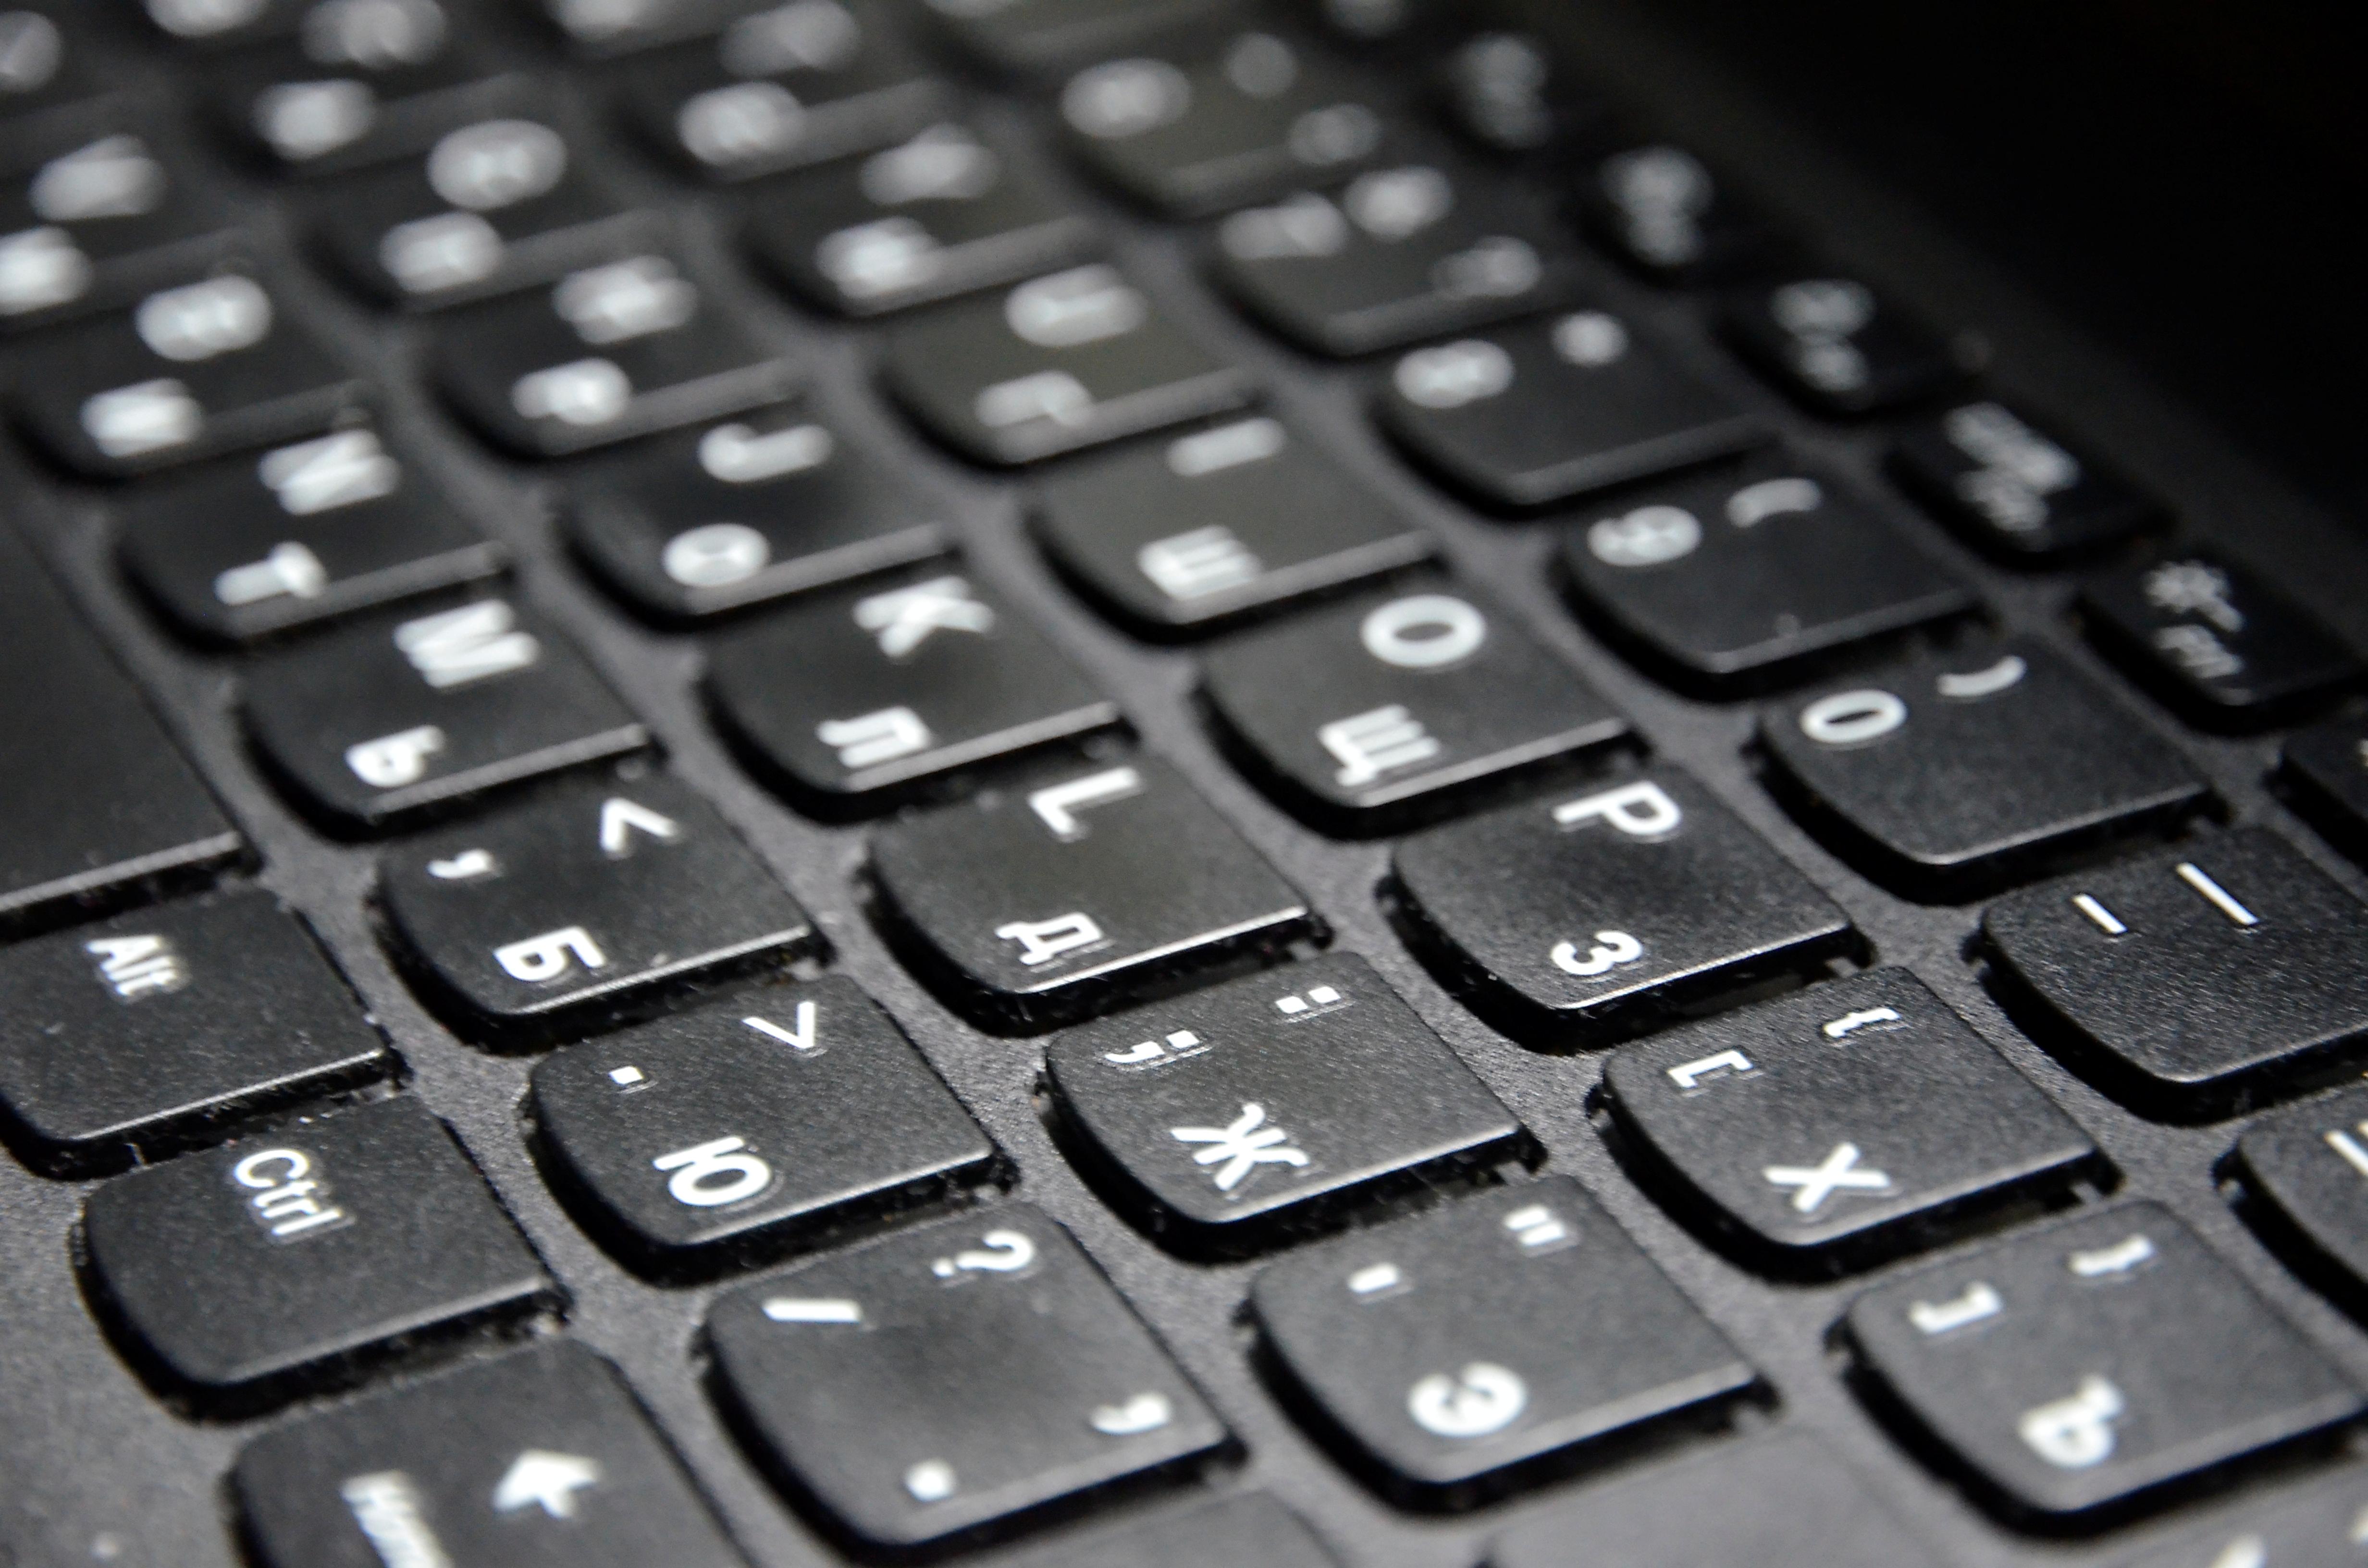 НКО пригласили москвичей на бесплатные мероприятия в онлайн-формате